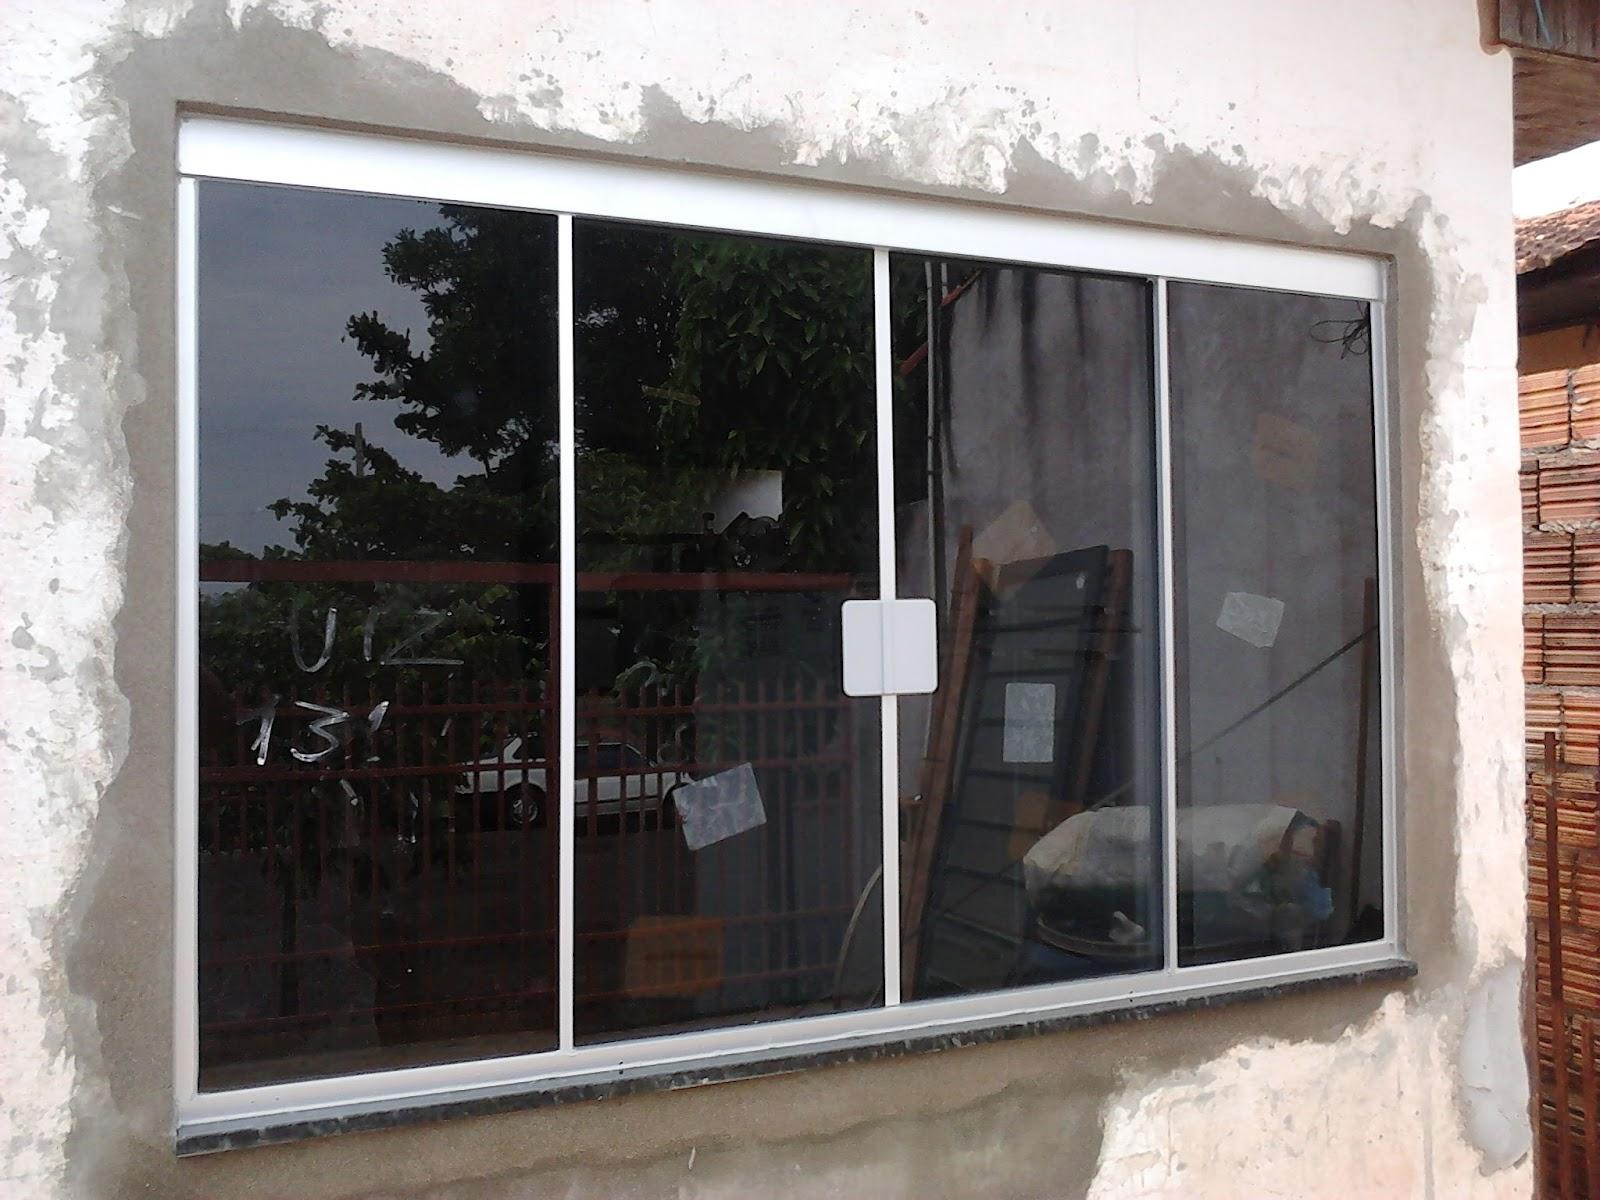 #684437 FRANCO VIDROS TEMPERADOS: Outubro 2012 310 Janelas De Vidro Temperado Em Arco